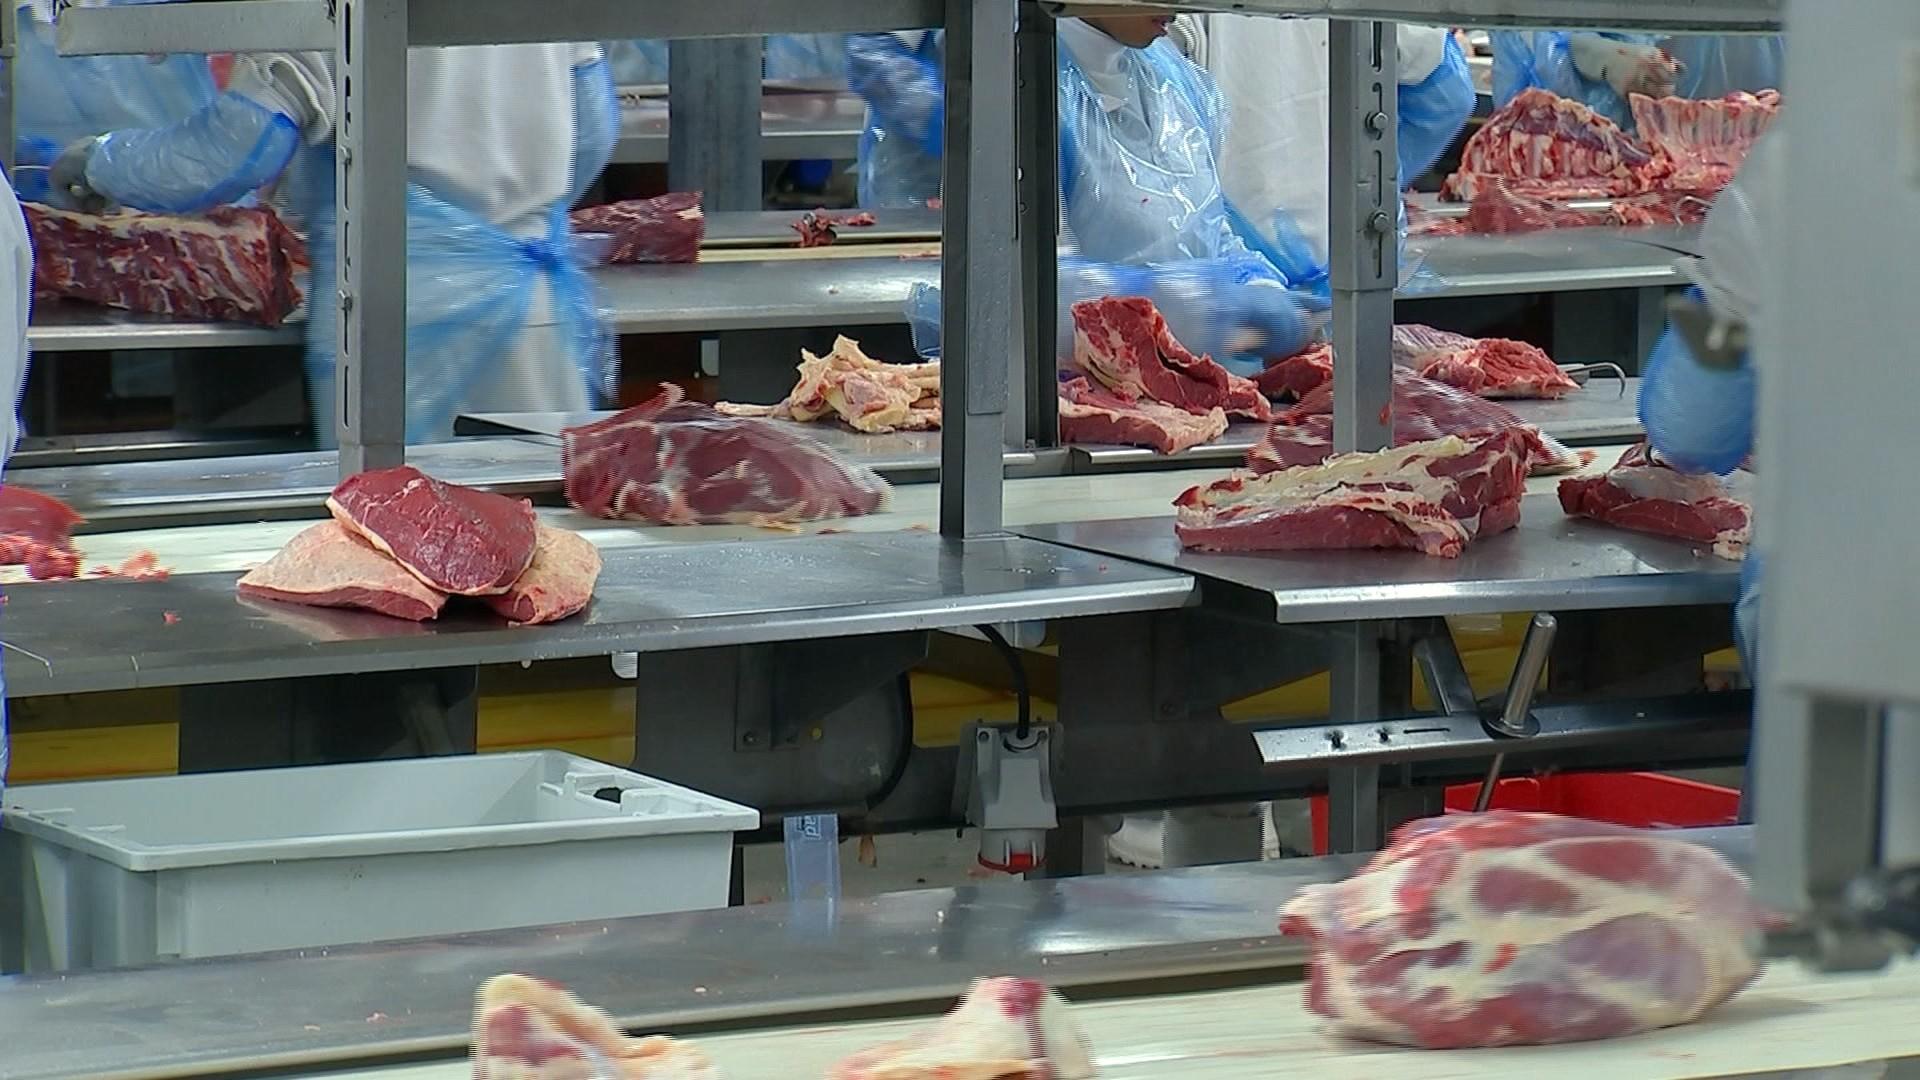 China impulsiona demanda por carnes do Brasil e IBGE aponta crescimento no abate bovinos no 3º trimestre - Notícias - Plantão Diário